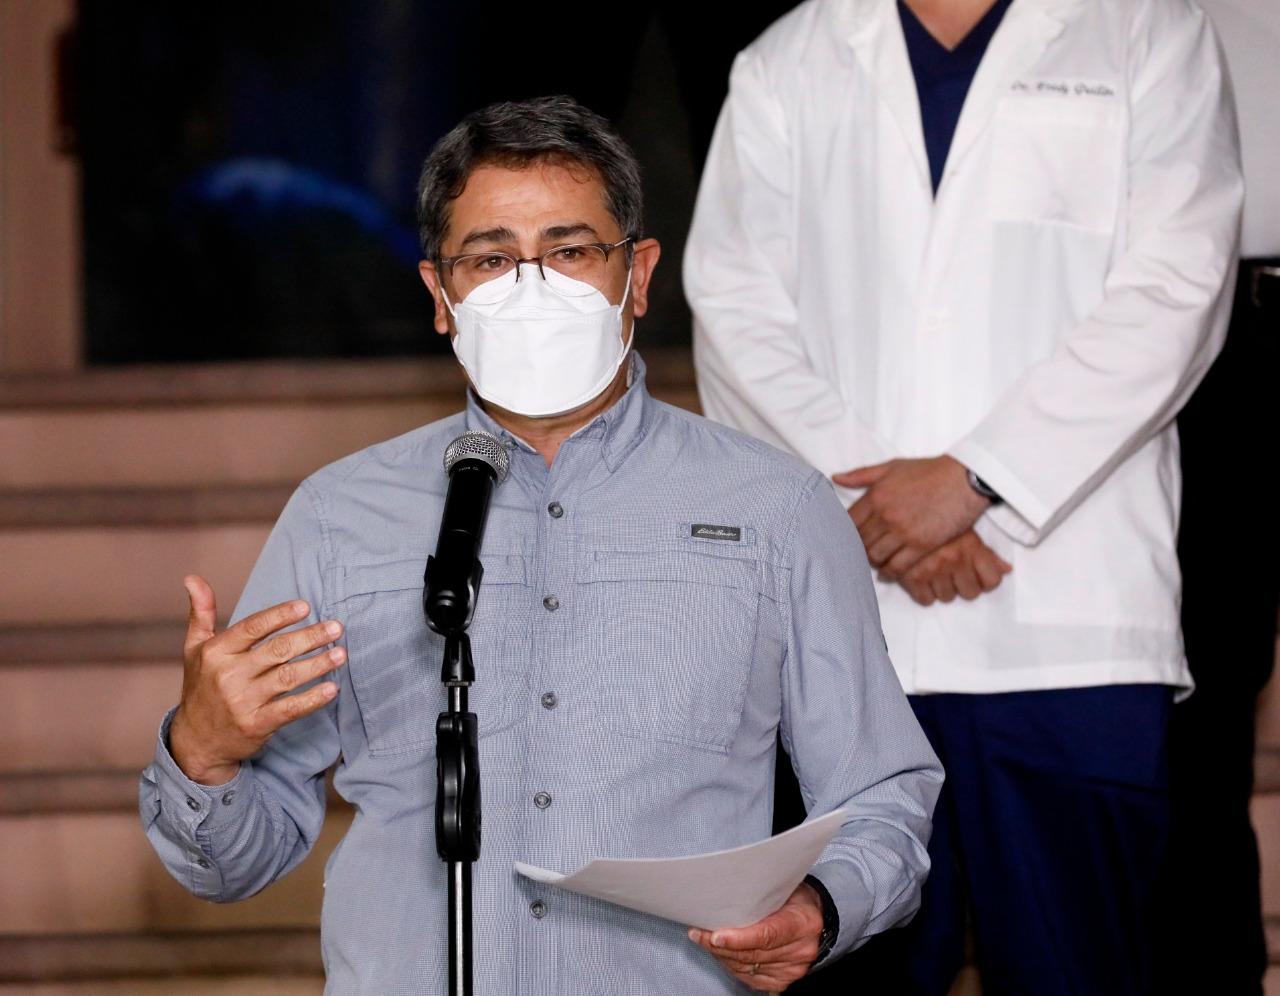 Gobierno otorgará bono de vivienda de 160.000 lempiras a trabajadores de salud